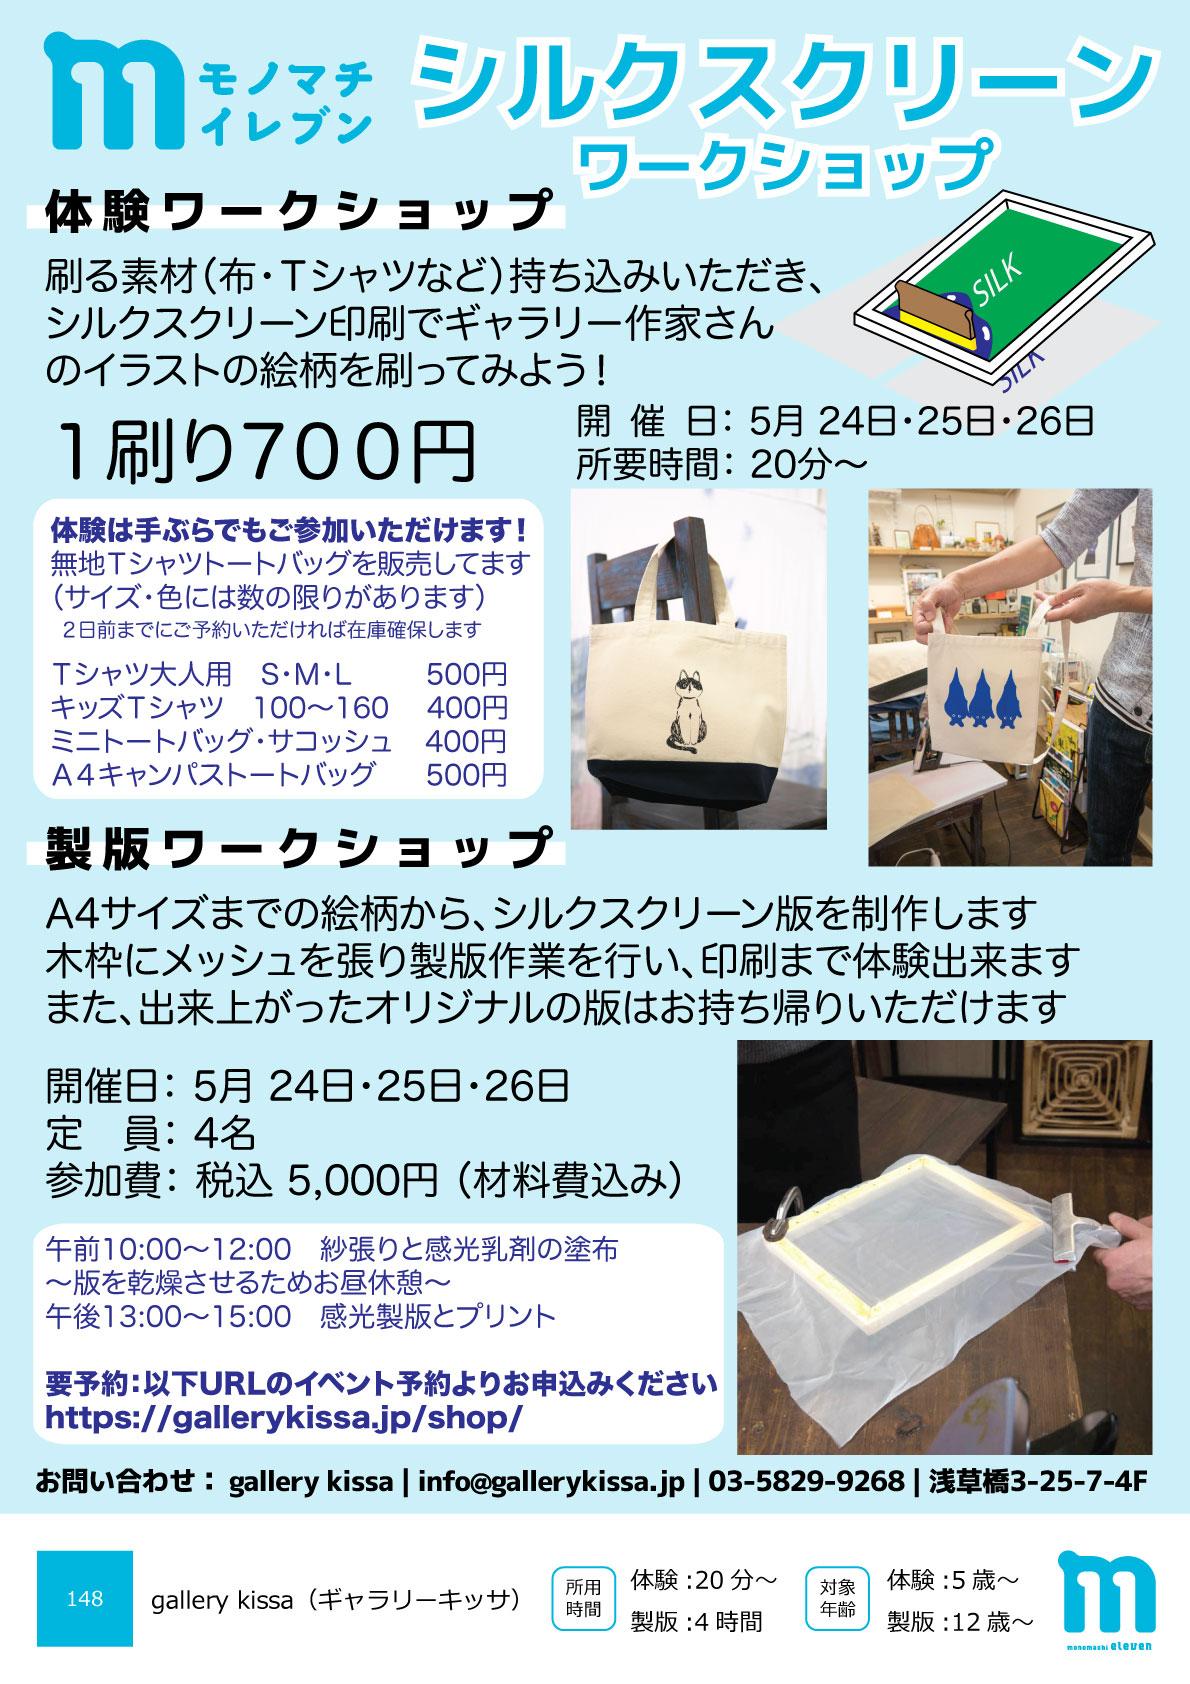 第11回モノマチ(モノマチイレブン) @ gallery kissa | 台東区 | 東京都 | 日本